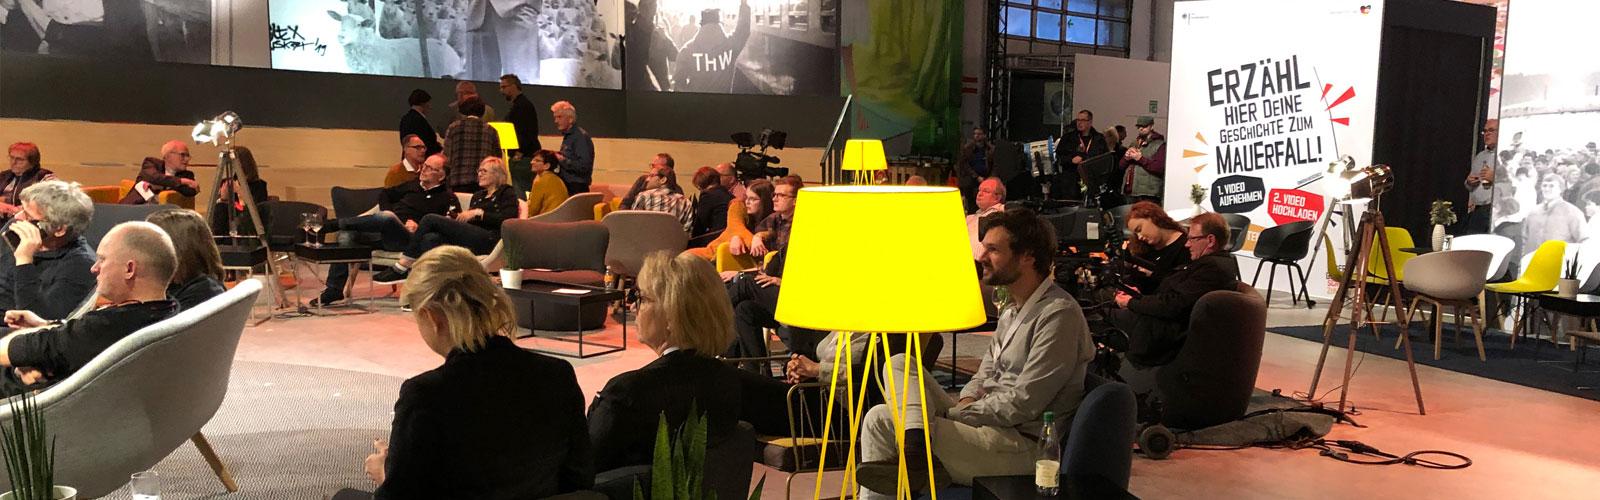 Braunwagner Spatial und Interior Design 30 Jahre friedliche Revolution